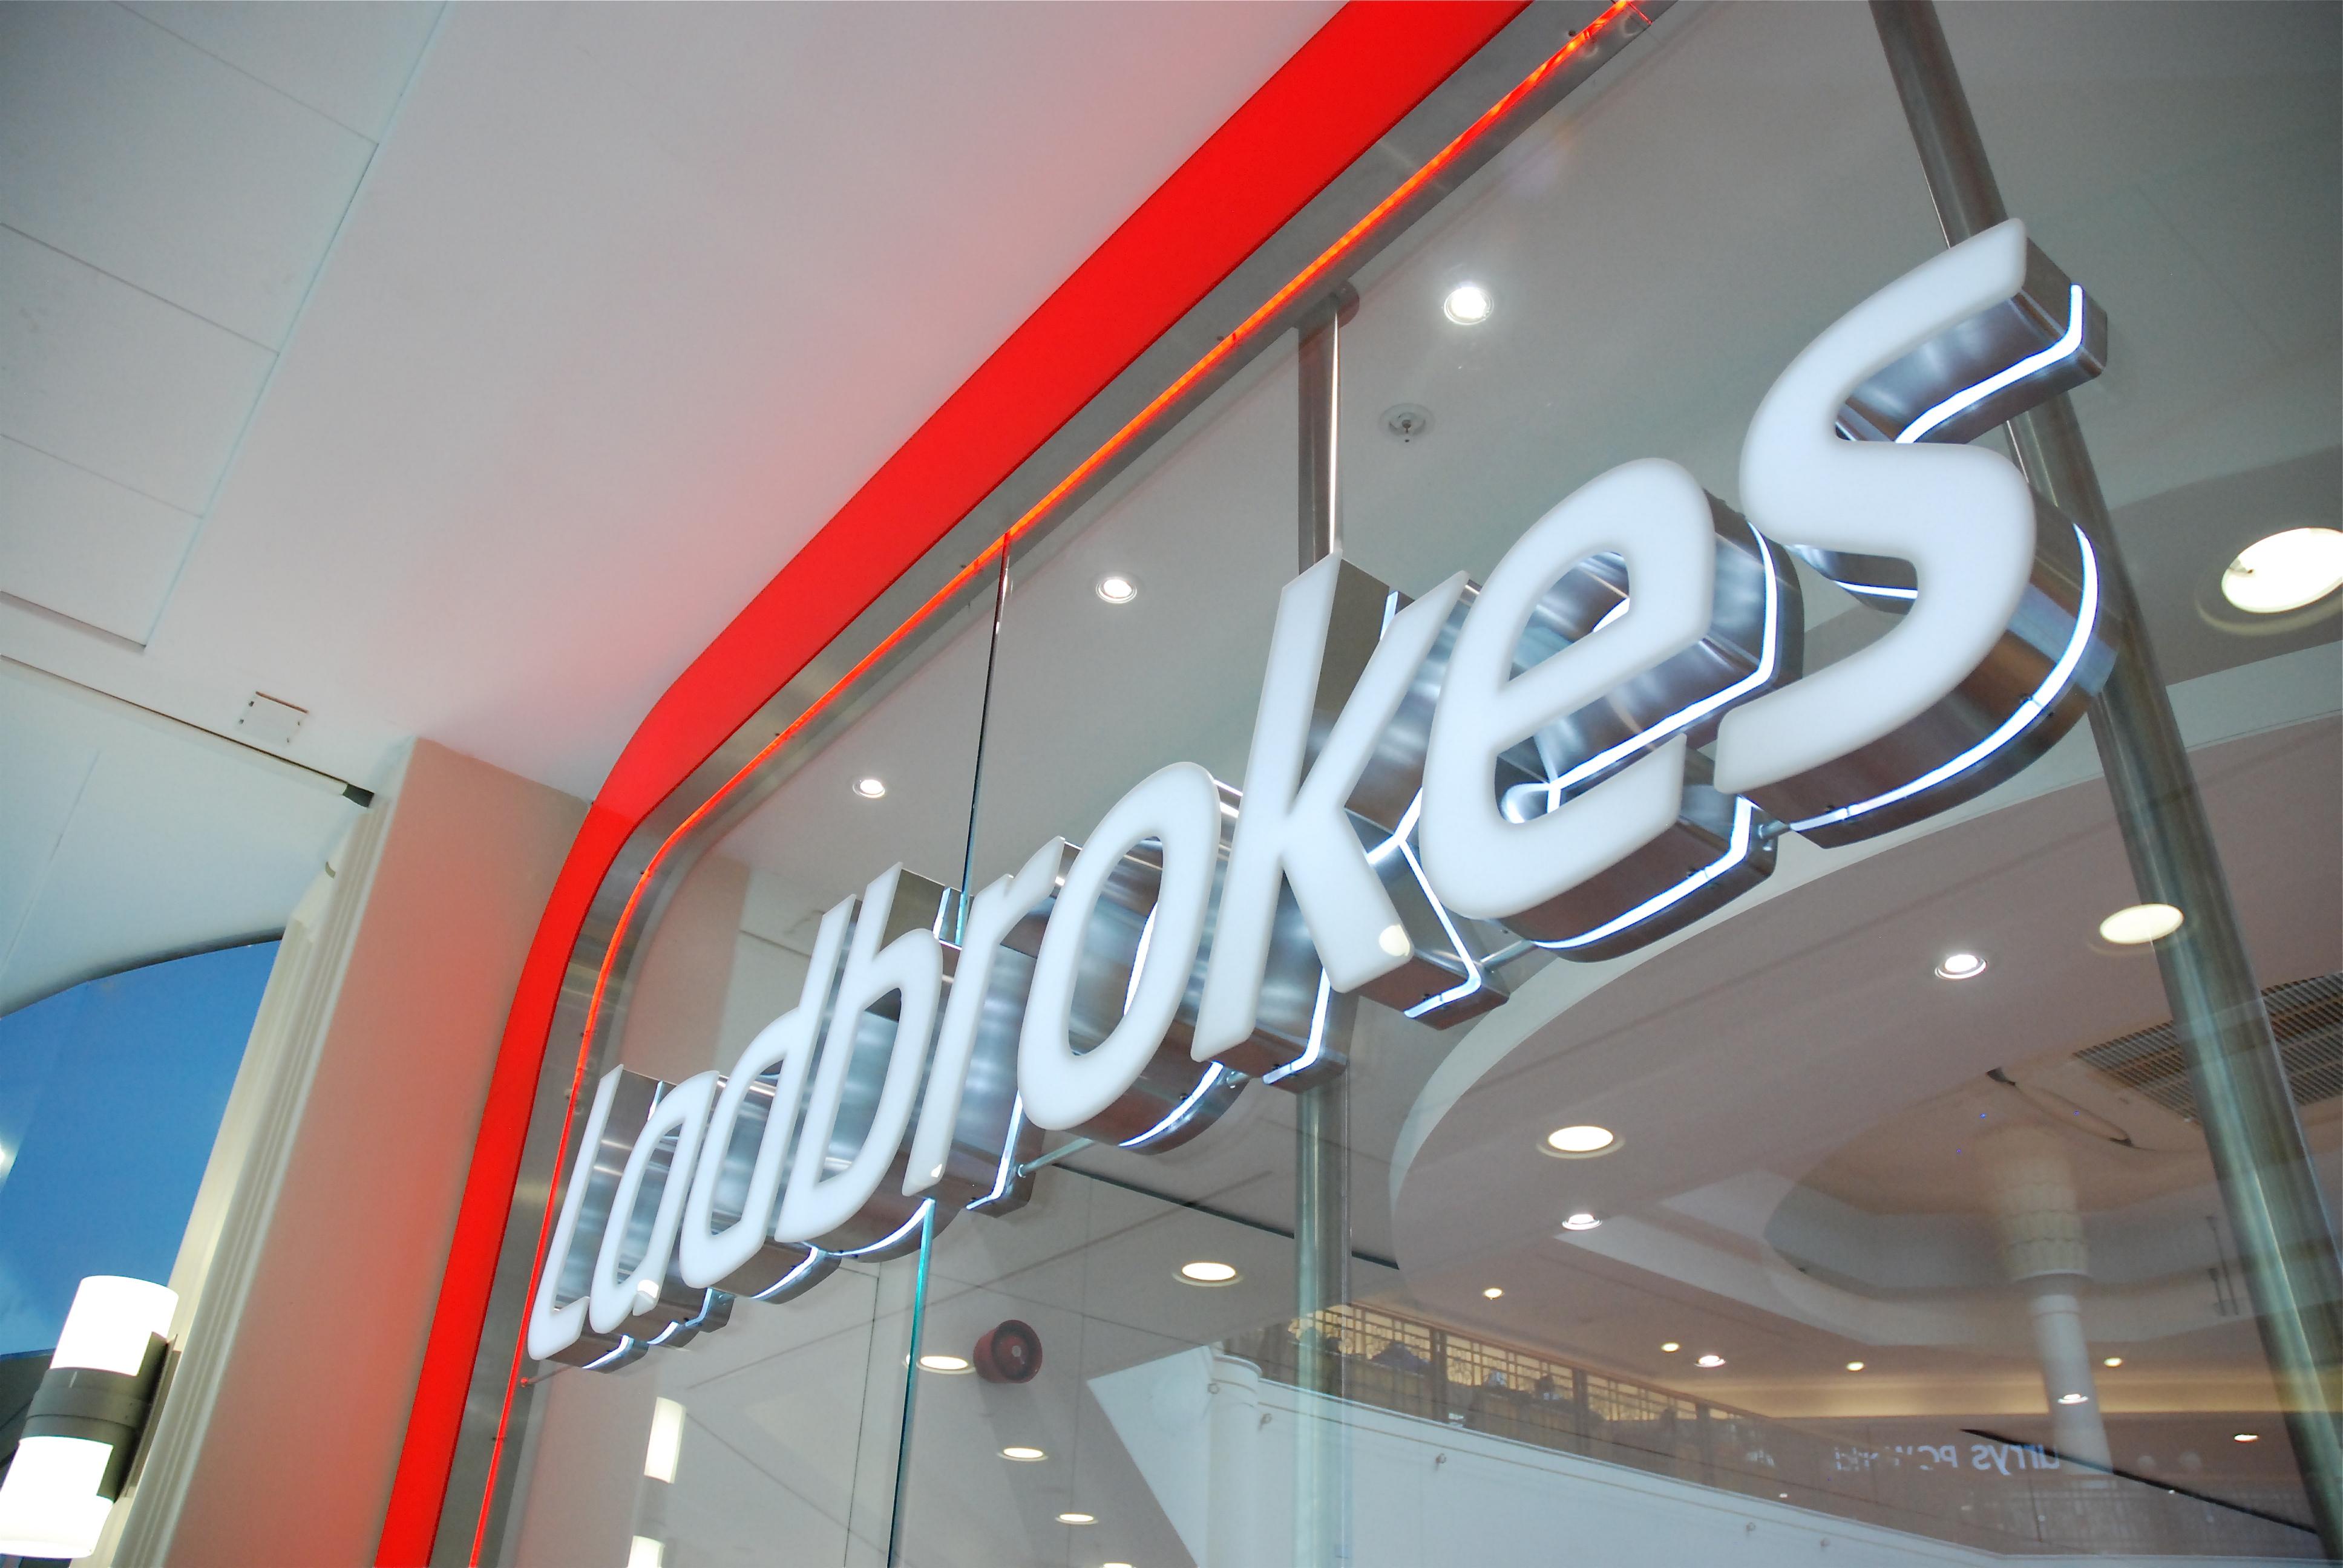 Ladbrokes by Claroblue